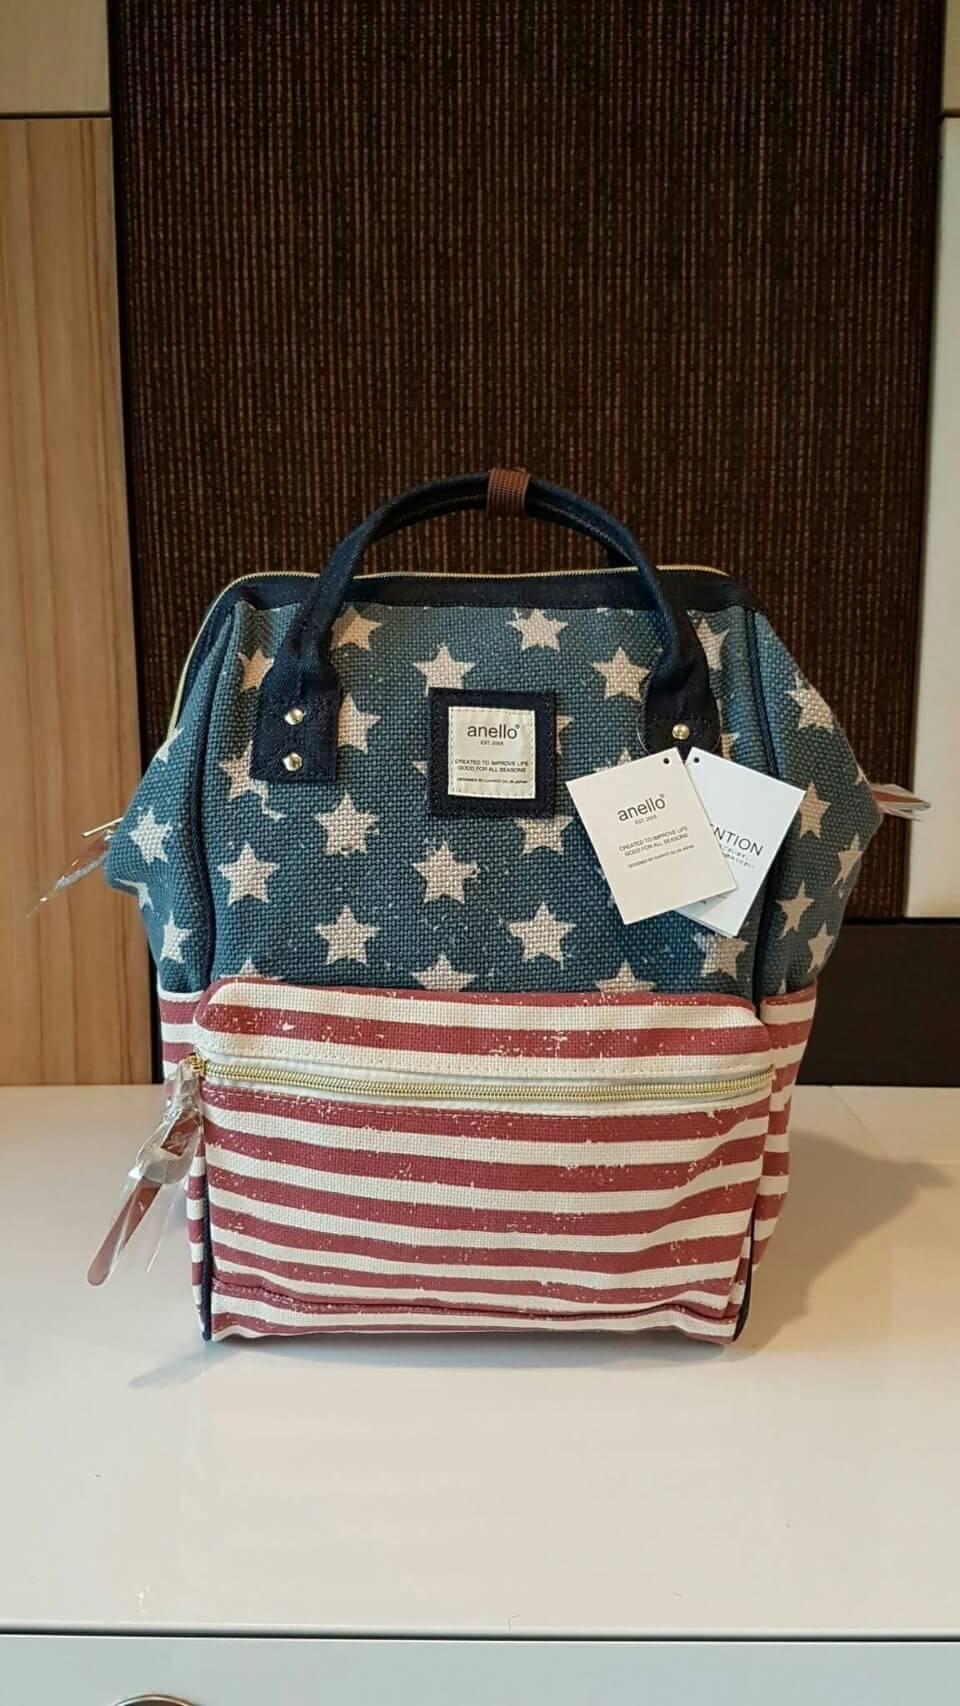 กระเป๋า Anello USA Classic CANVAS Rucksack (STD) วัสดุ CANVAS Fabric เนื้อหนานิ่มคุณภาพดี ออกเเบบลาย Limited สวยเก๋ไม่เหมือนใคร